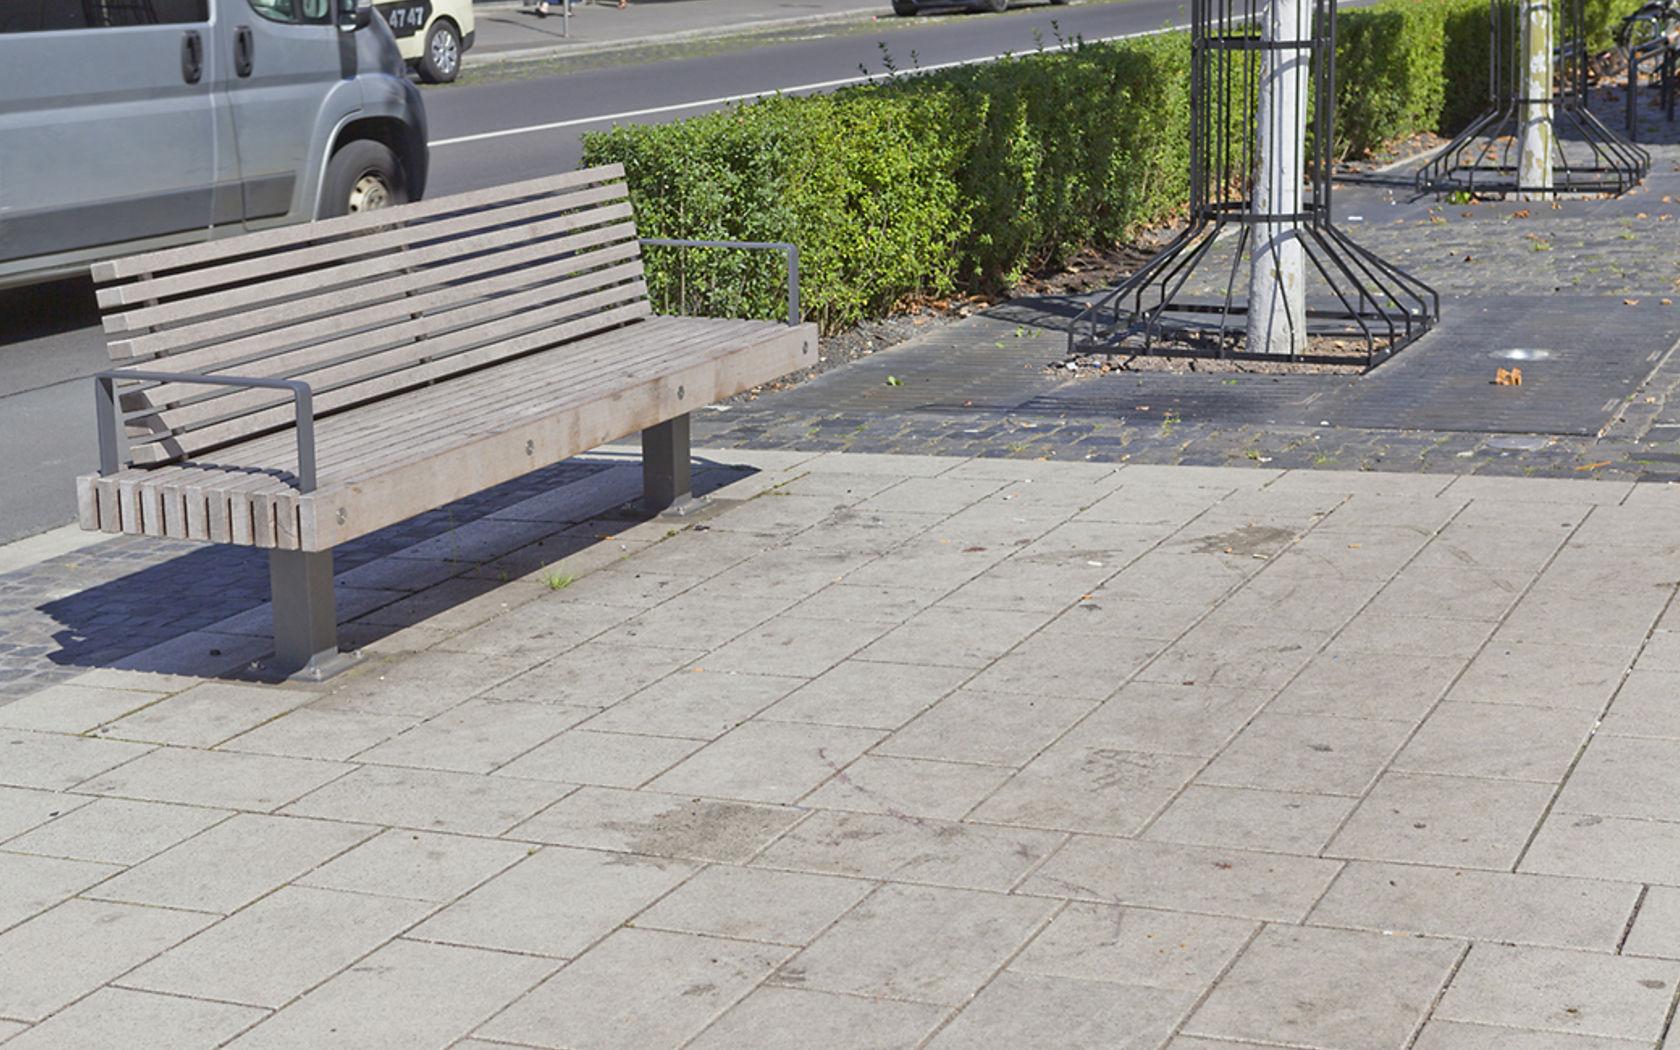 Eine Bank auf einem öffentlichen Platz mit verschmutzten Betonsteinen.